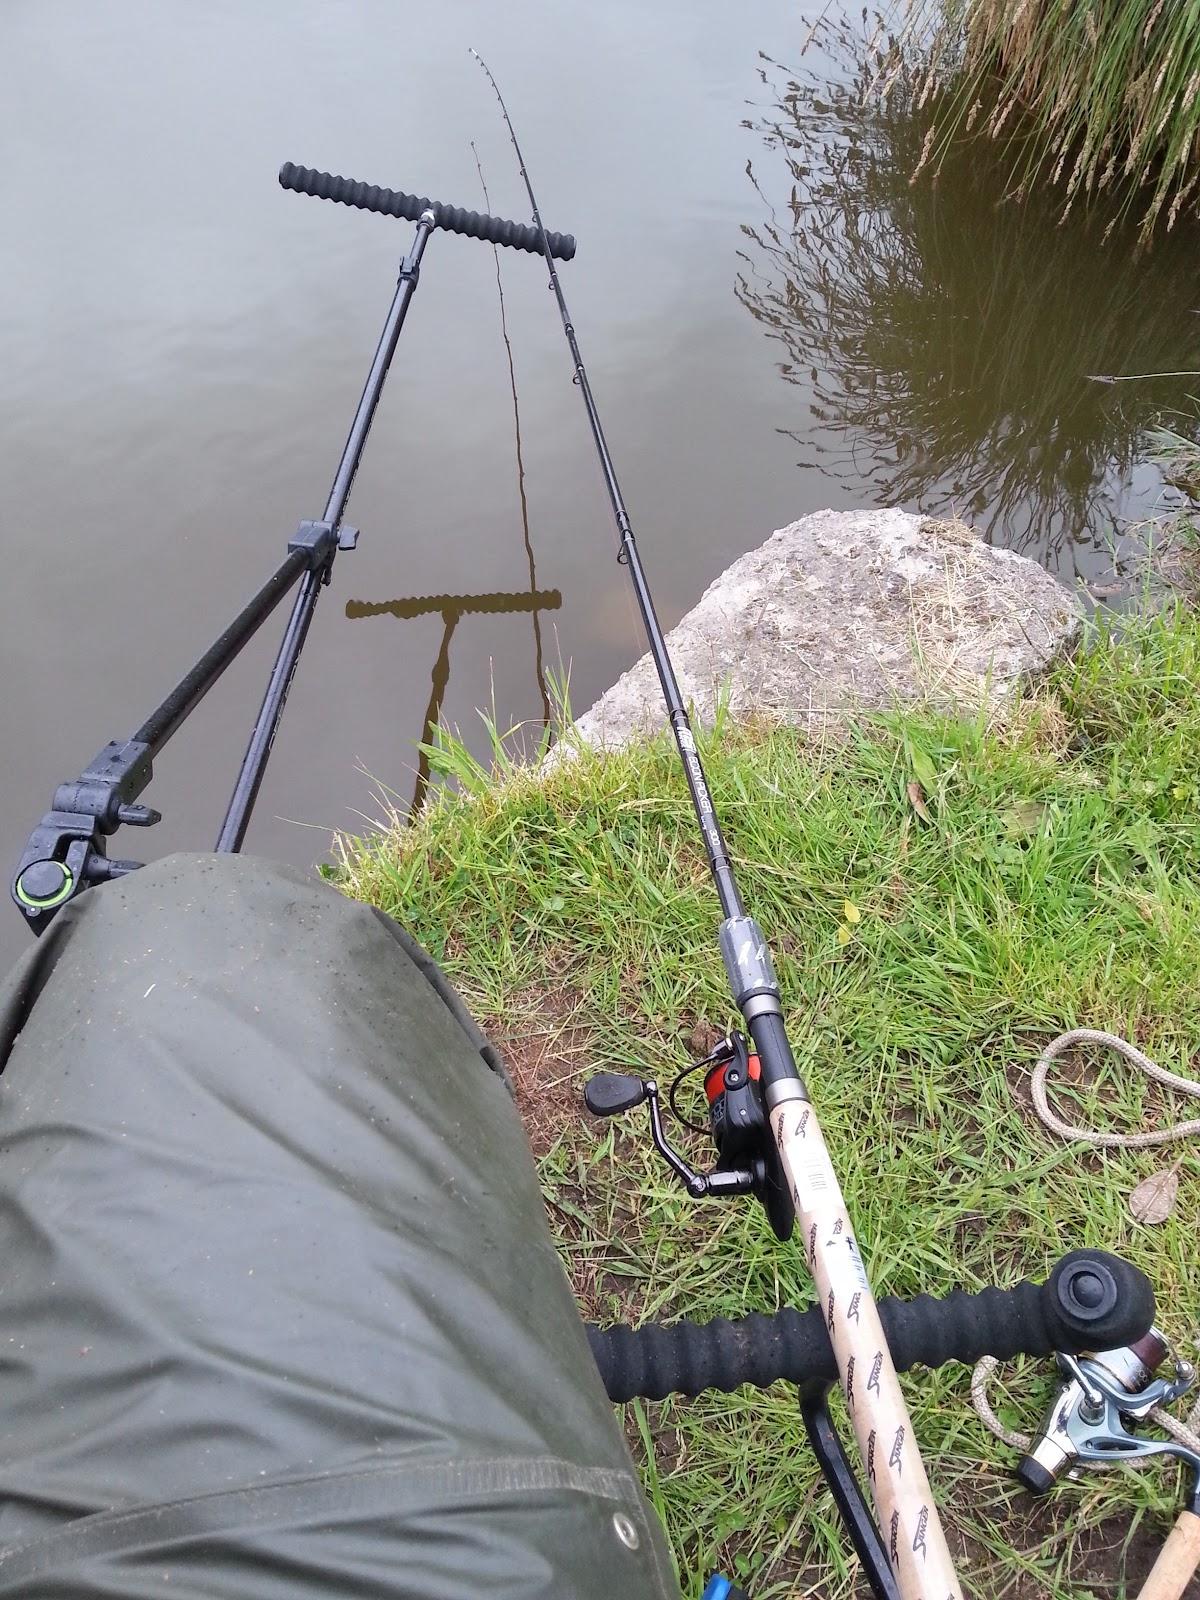 Le jeu par les mains la pêche